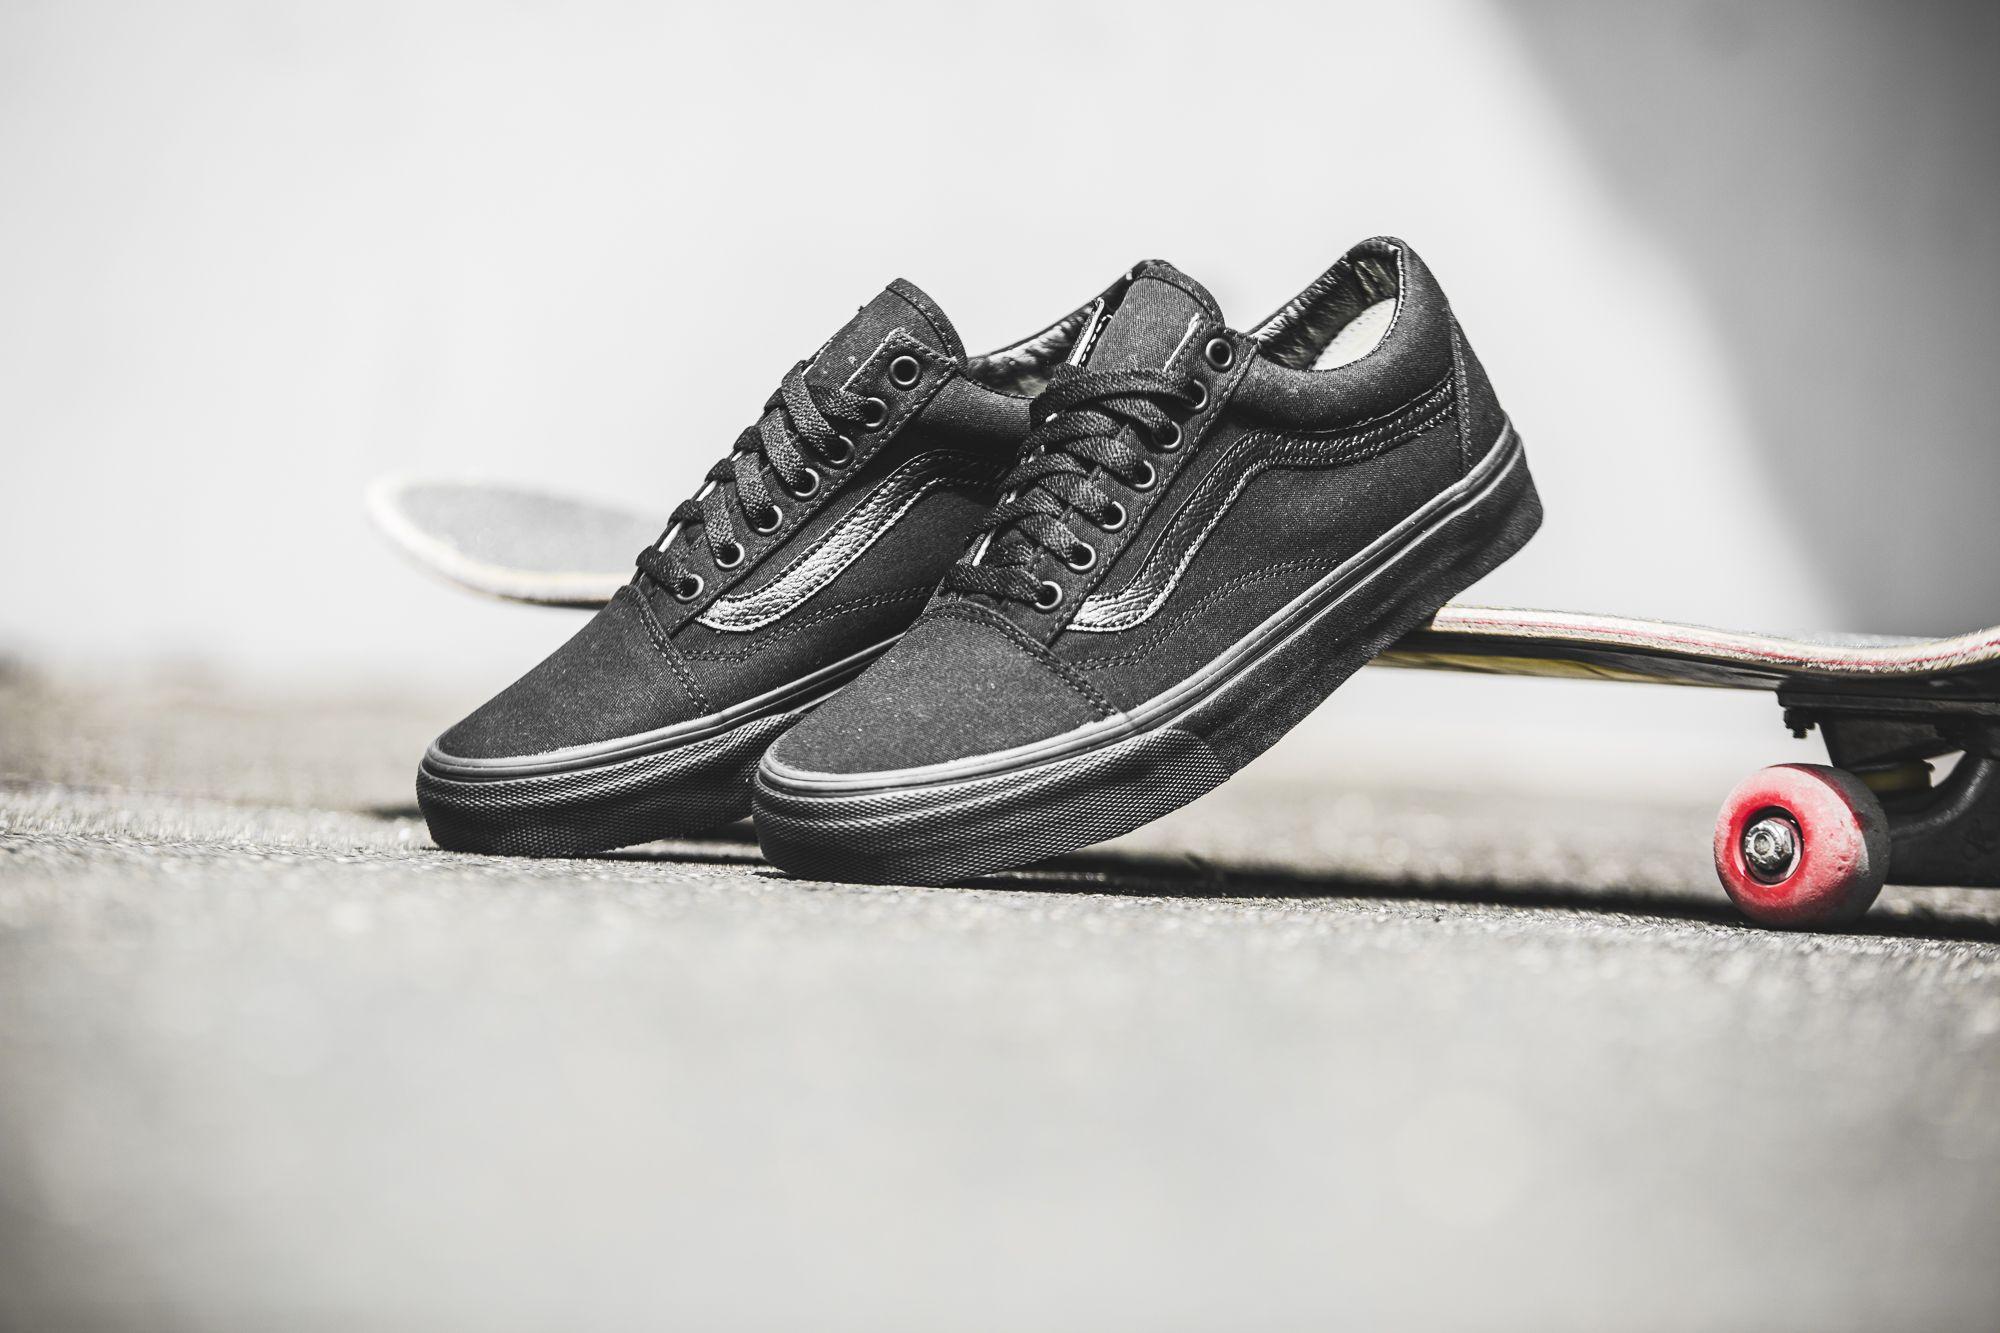 best sneakers 7fb2f 705b5 Vans Old Skool (schwarz) - VD3HBKA   My Stuff   Vans ...